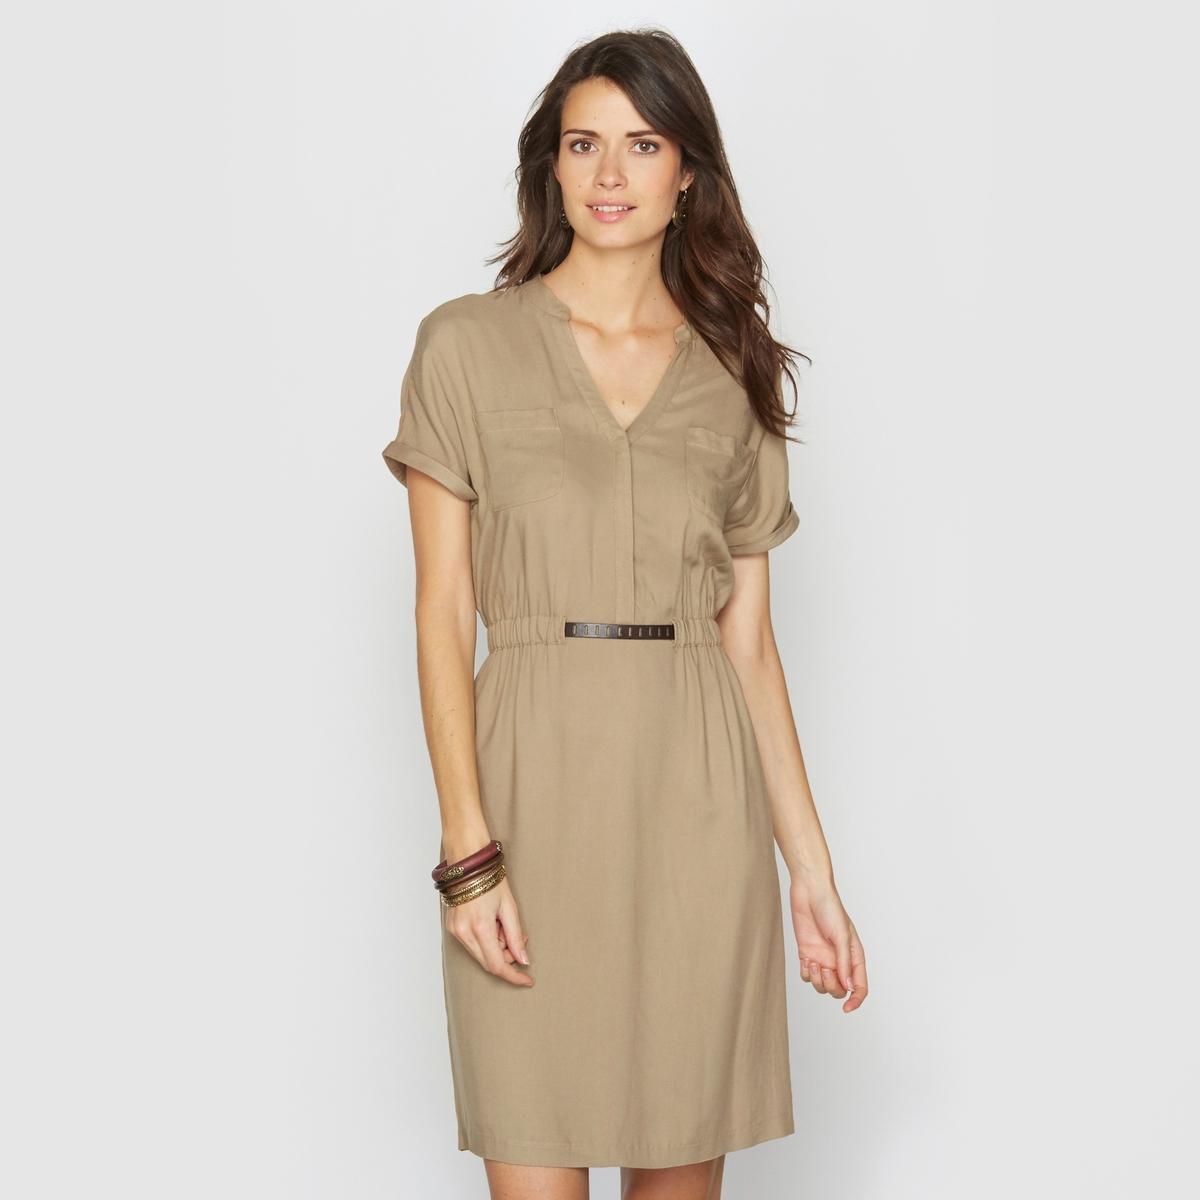 Платье из струящейся ткани, 100% вискозы платье из струящейся ткани 100% вискозы